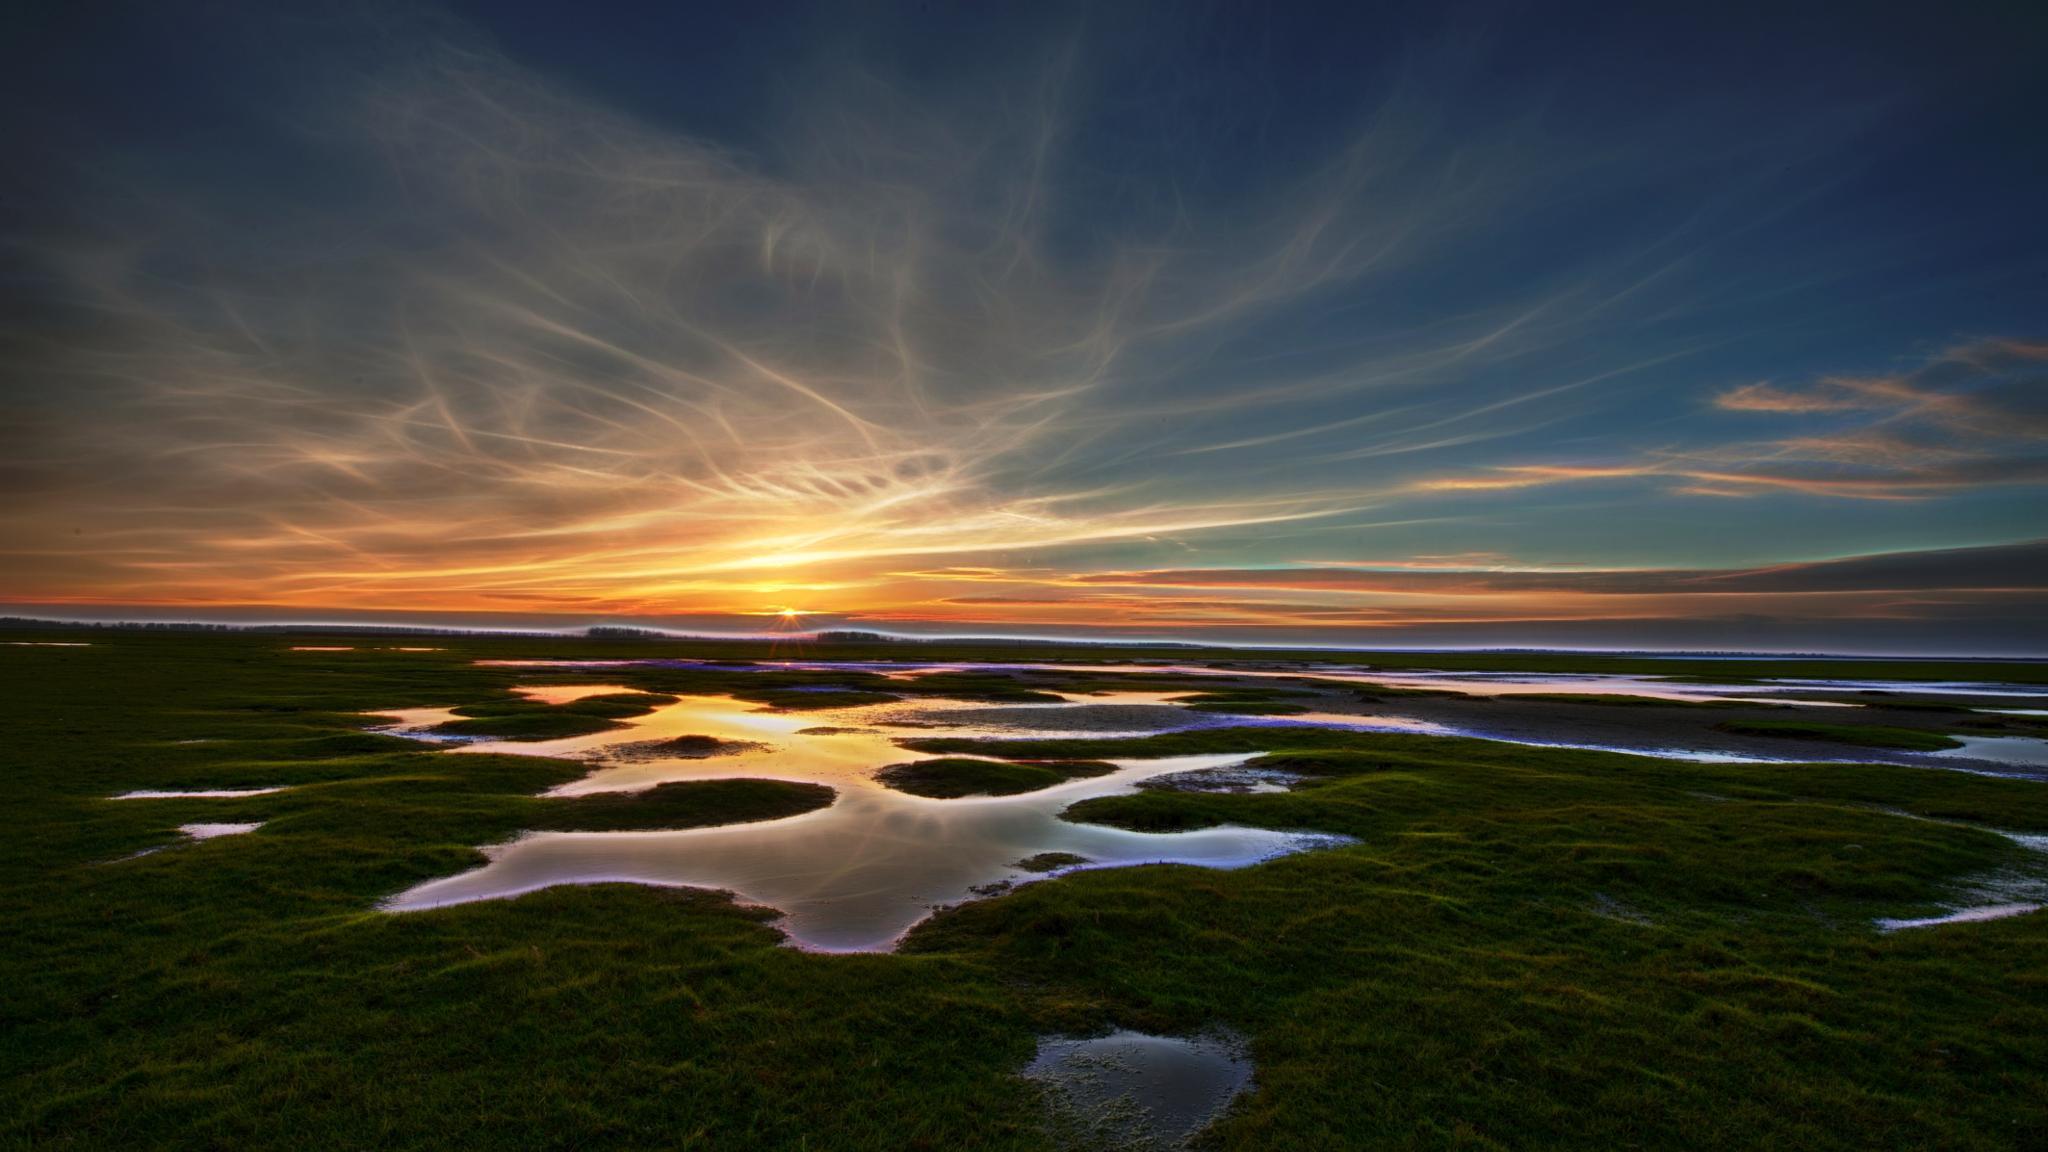 Glowing Sunset Lauwersoog by R van Wijk